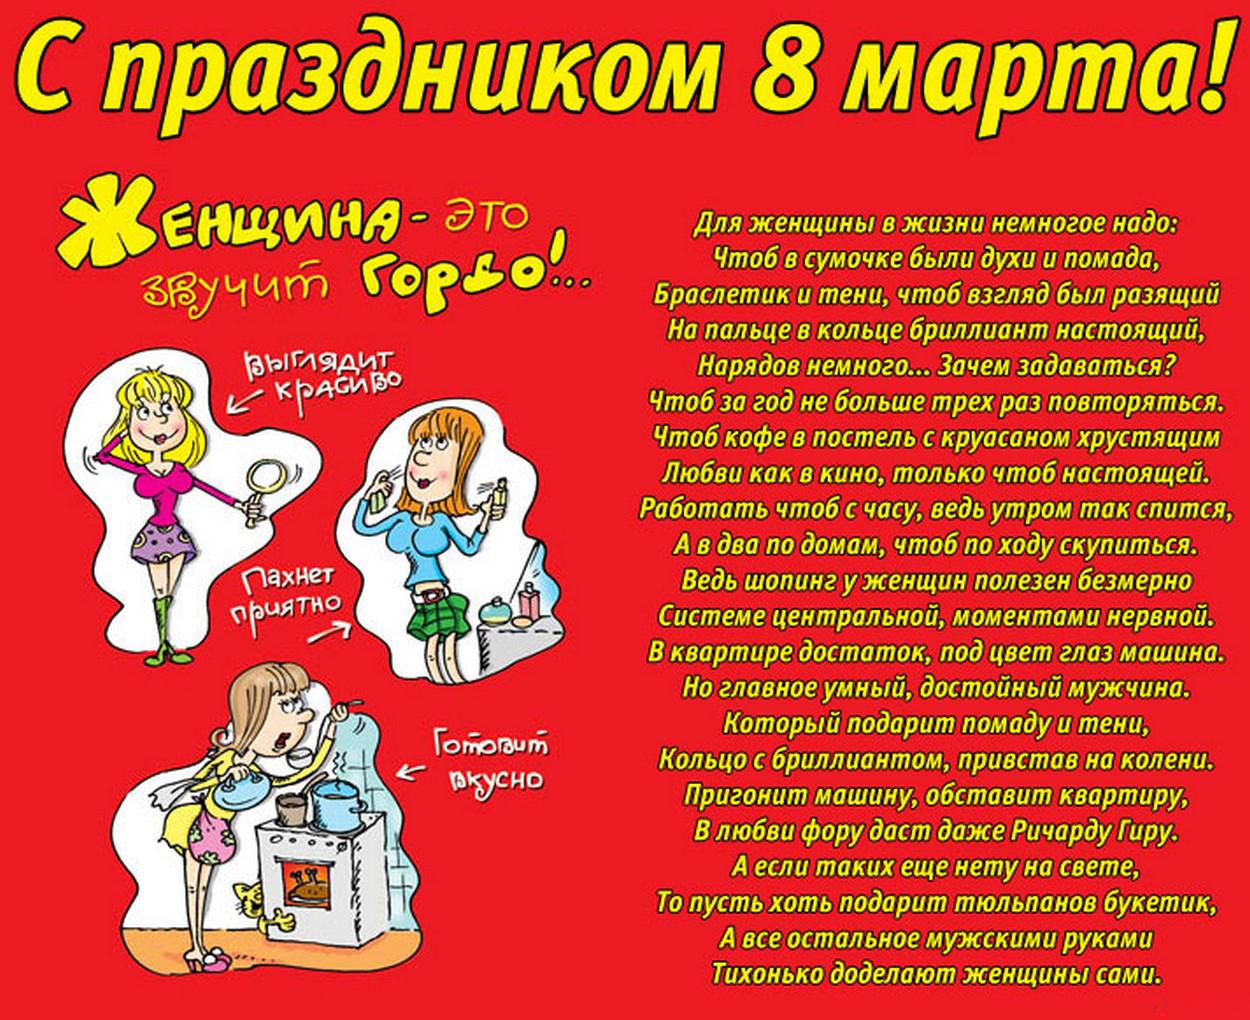 Картинки с стихами к 8 марта с юмором, открытки